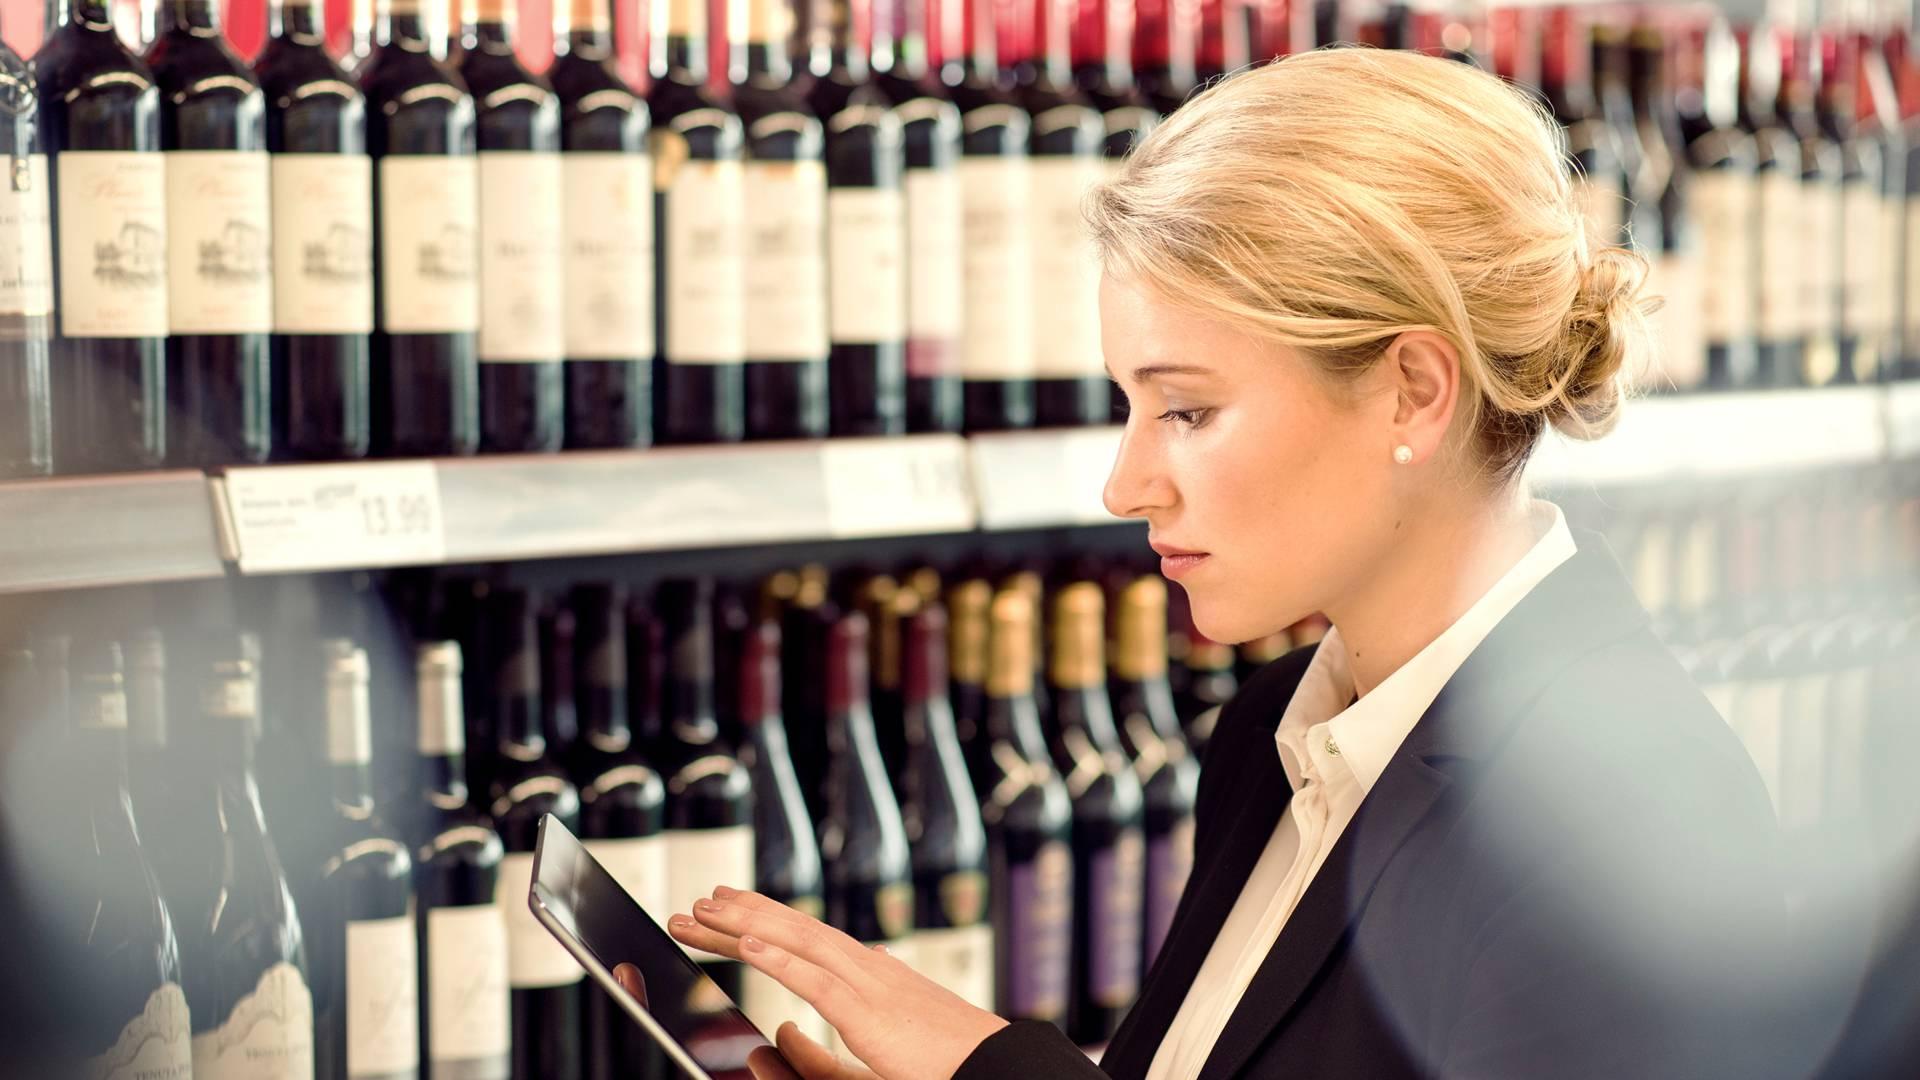 Filiale Trainee Weinflaschen